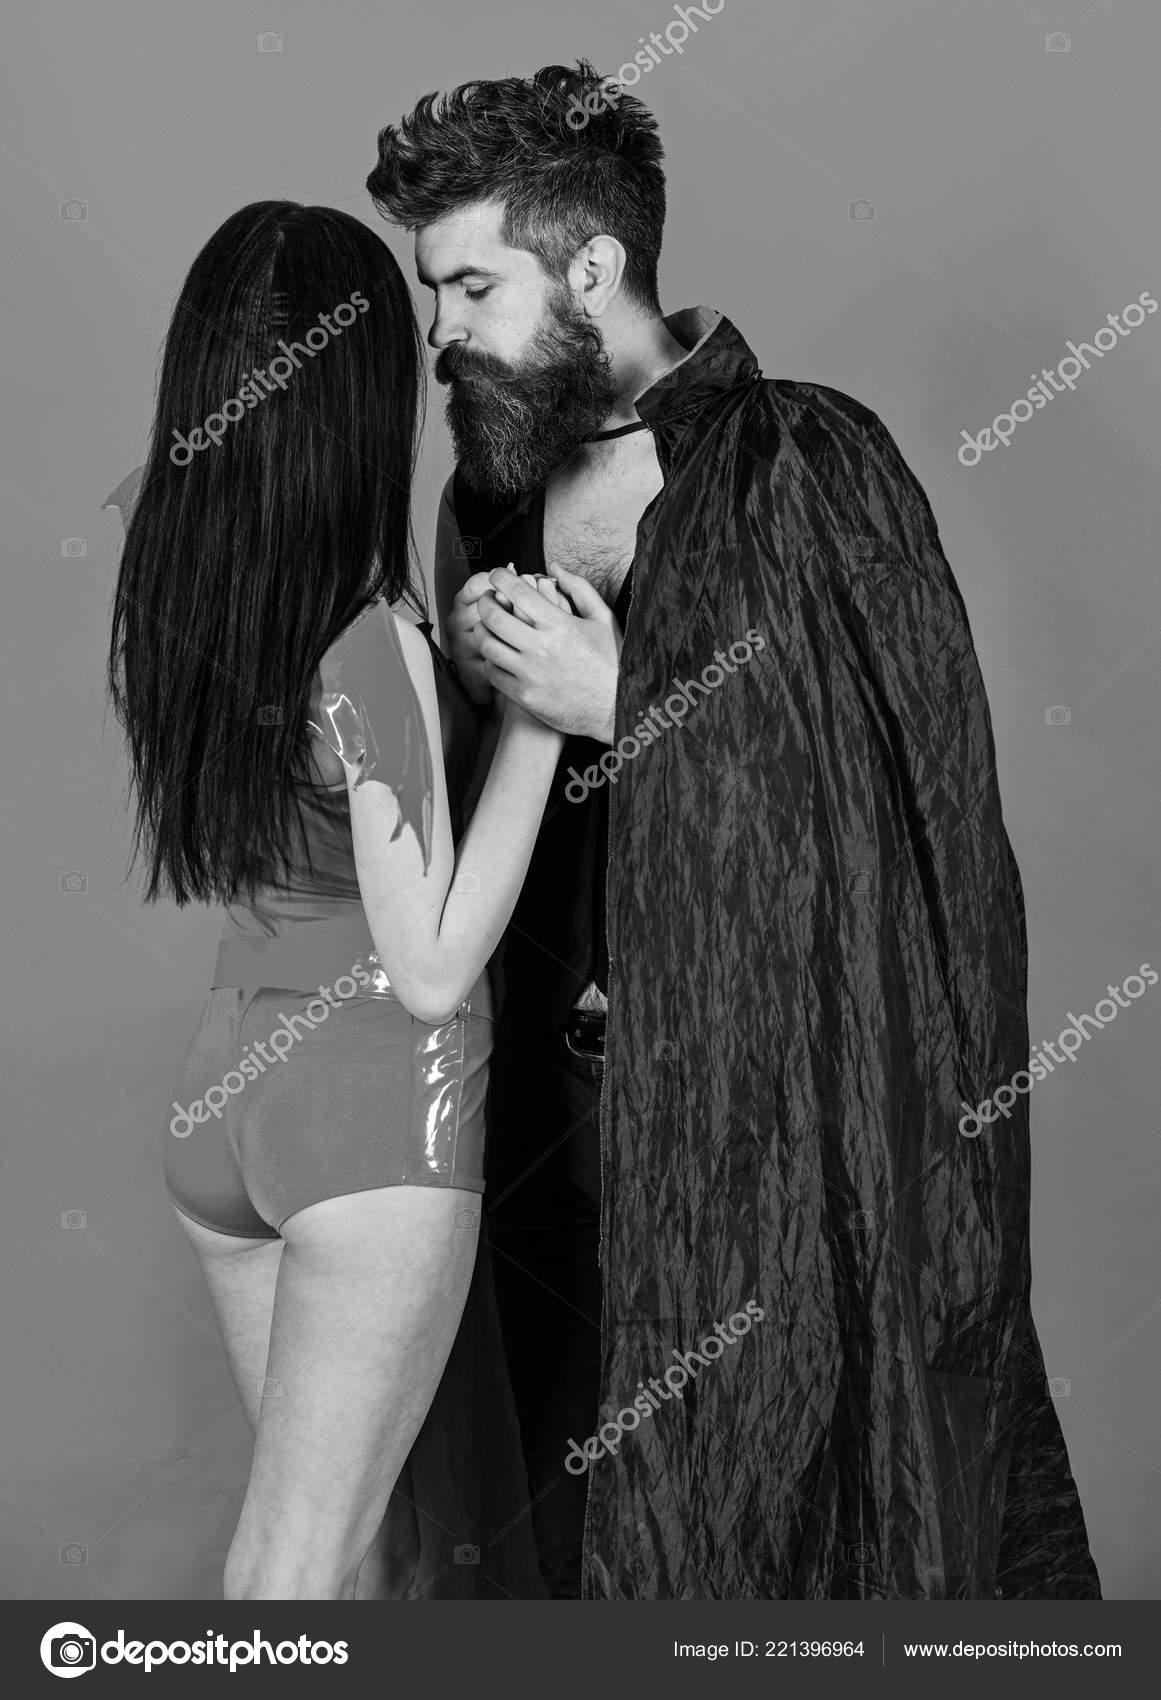 seksualnaya-kartinki-muzhchina-derzhit-devushku-na-rukah-semka-bdsm-v-kontakte